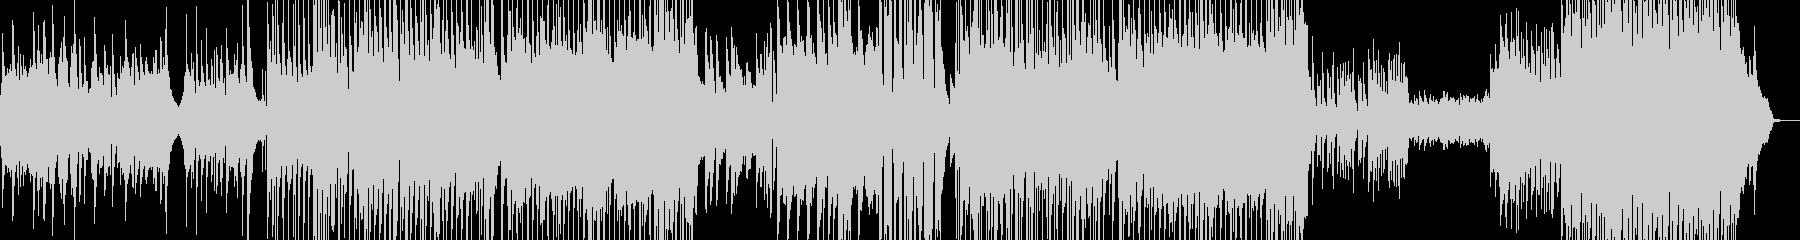 後半劇的・J-Pop風バラード 長尺+★の未再生の波形